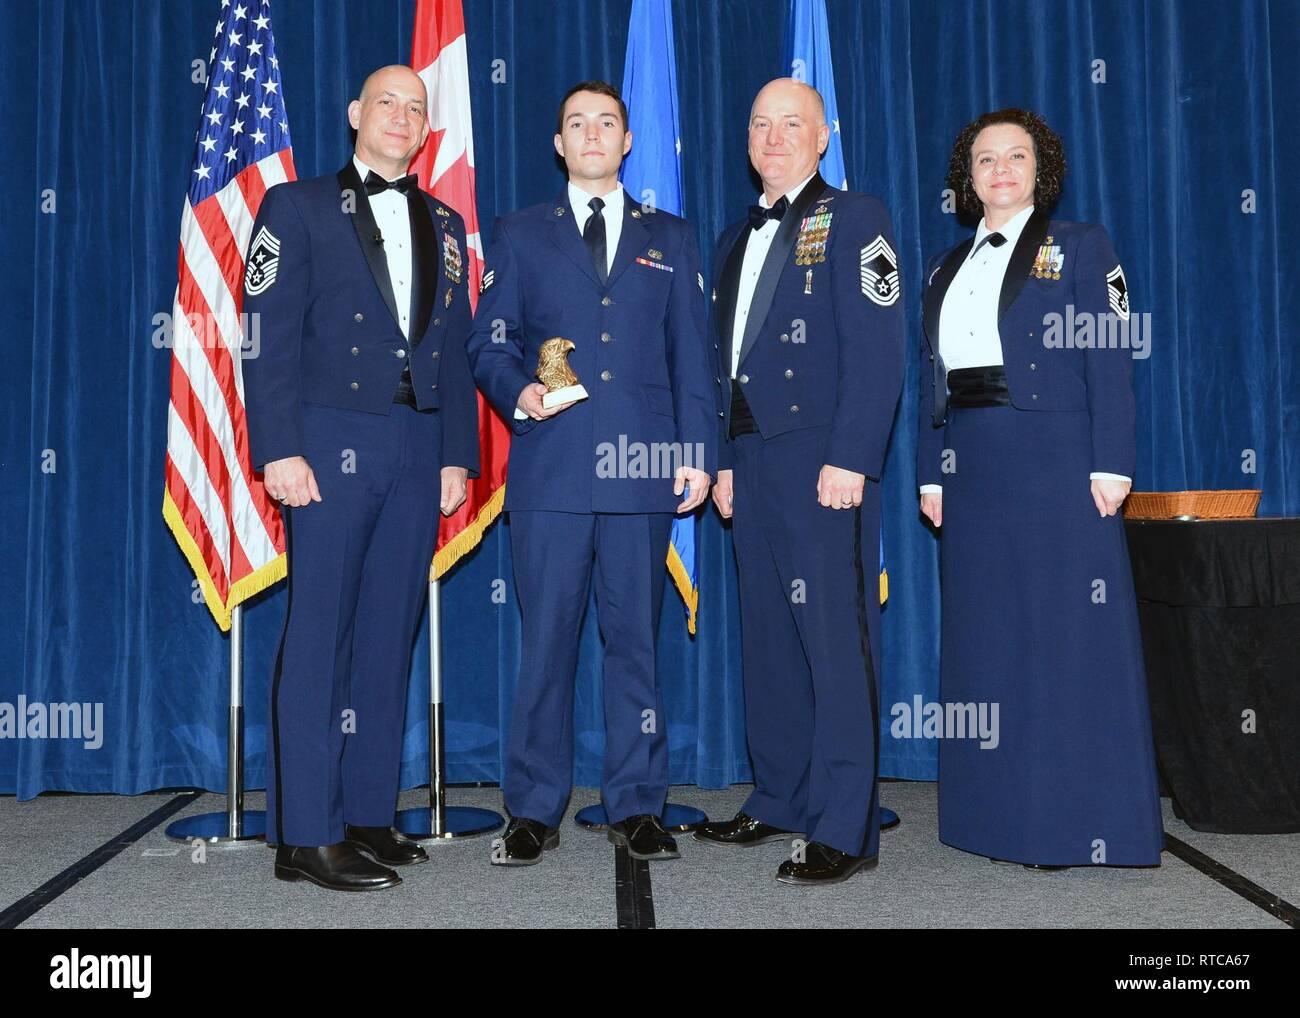 U S  Air Force Senior Airman Wade Fielder from the 123rd Air